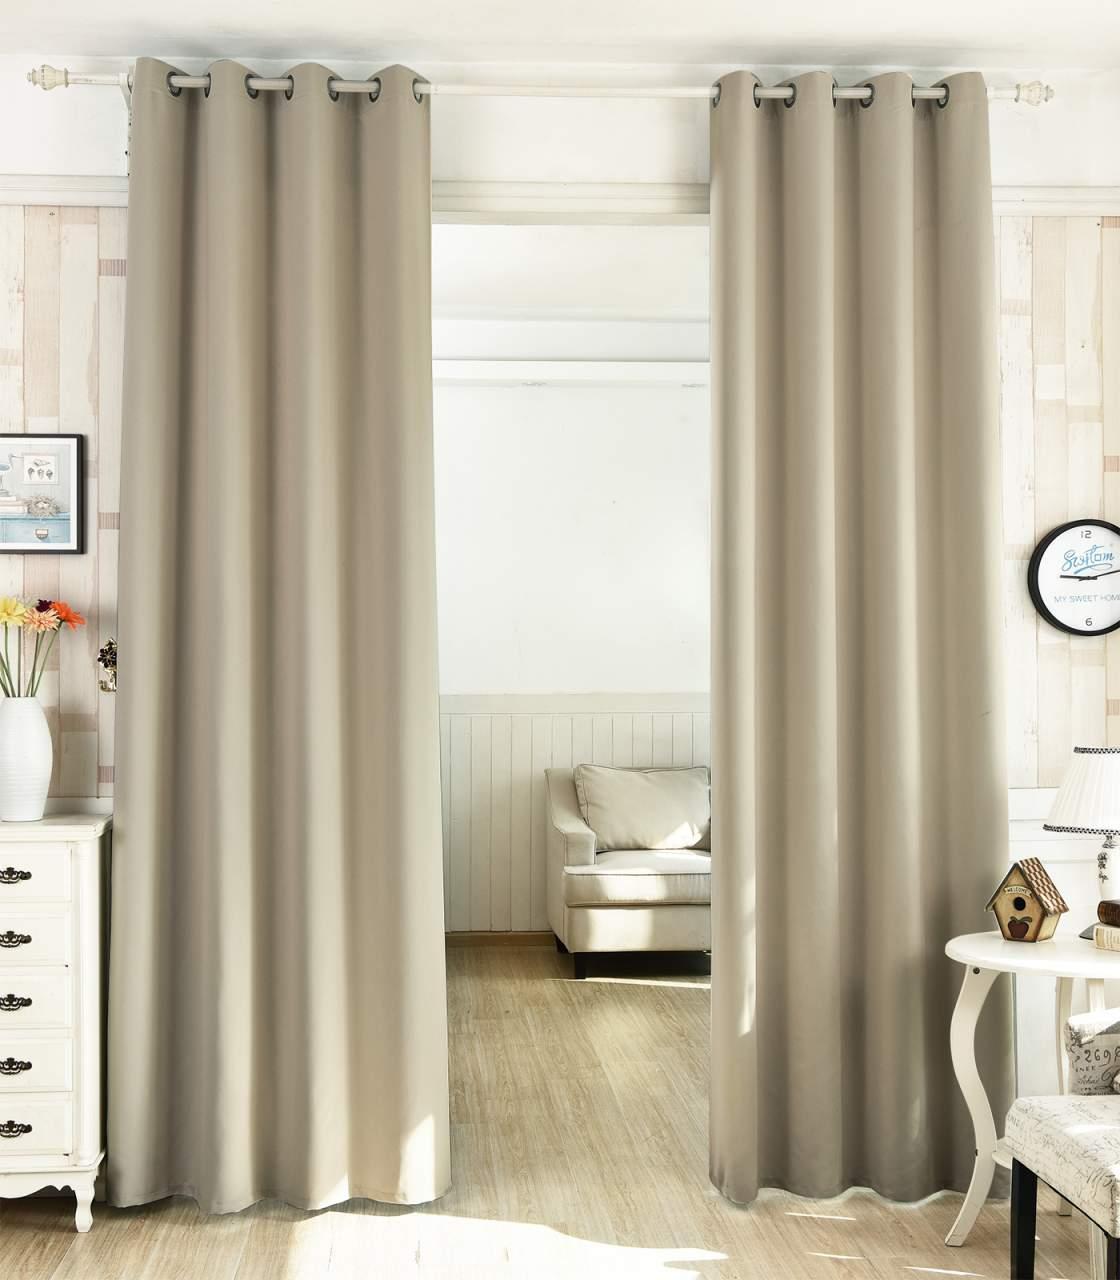 Full Size of Sehr Elegante Vorhnge Aus 100 Polyester Blickdicht Mit Sen Im Vorhänge Wohnzimmer Schlafzimmer Küche Wohnzimmer Vorhänge